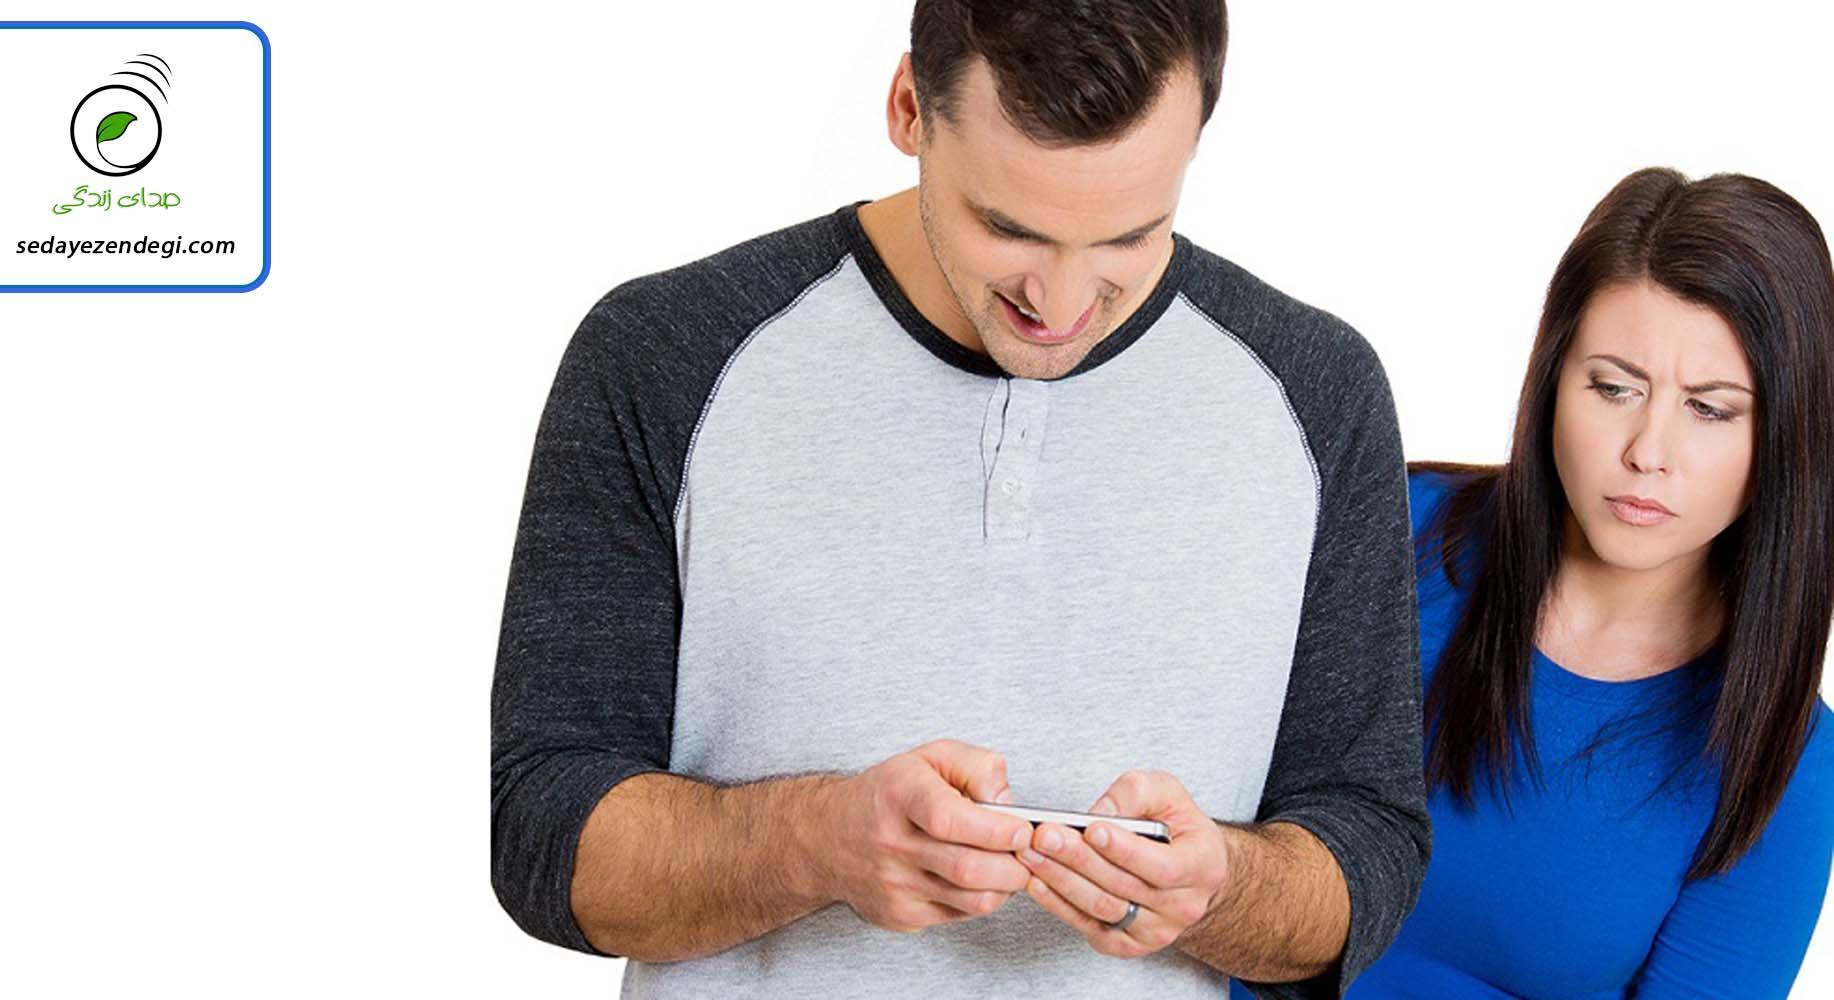 آیا چک کردن گوشی موبایل همسر صحیح هست یا غلط؟